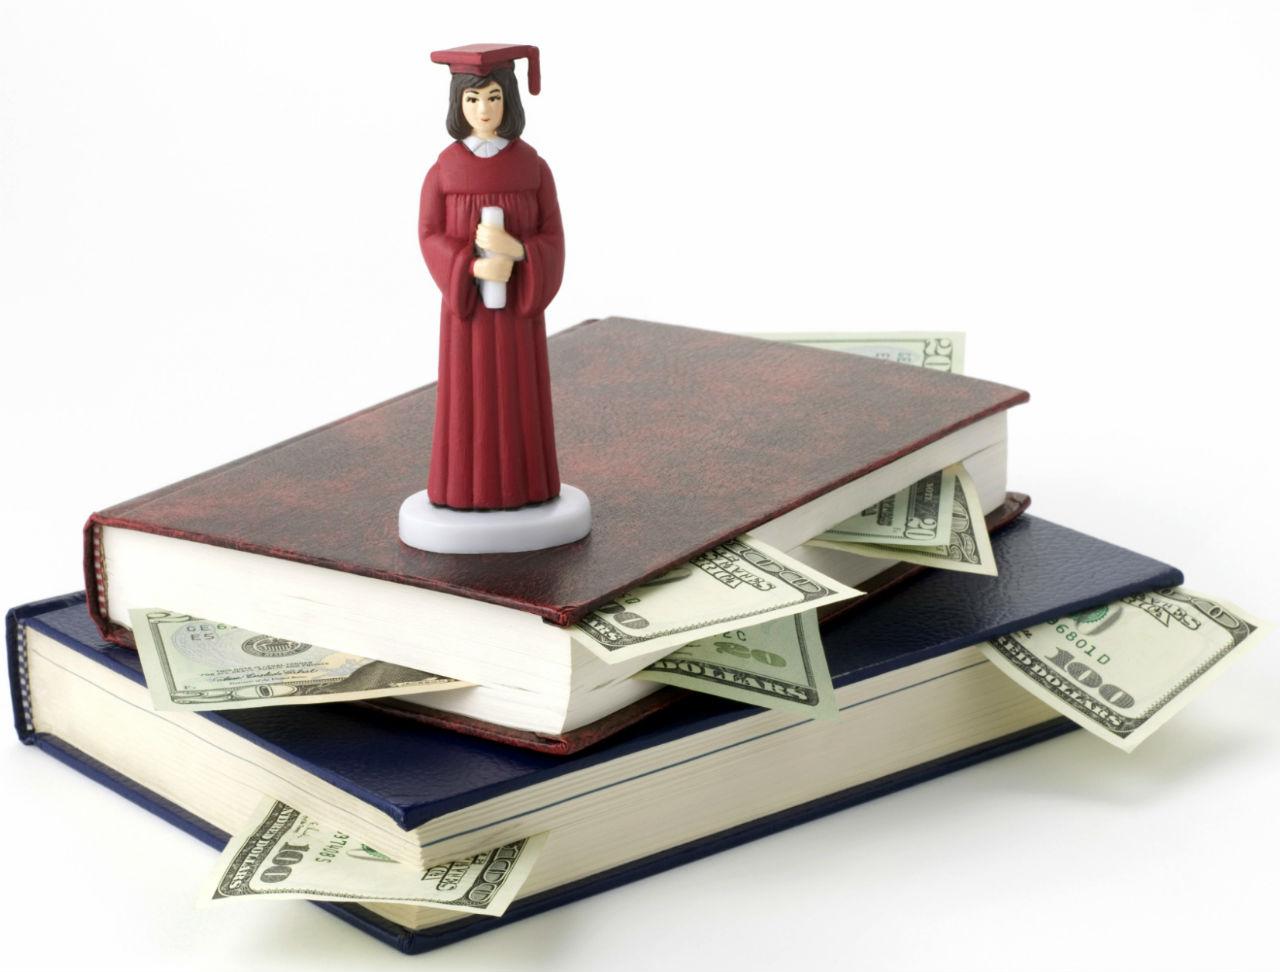 Du học Hàn Quốc phần 6: Học phí các trường tại Hàn Quốc